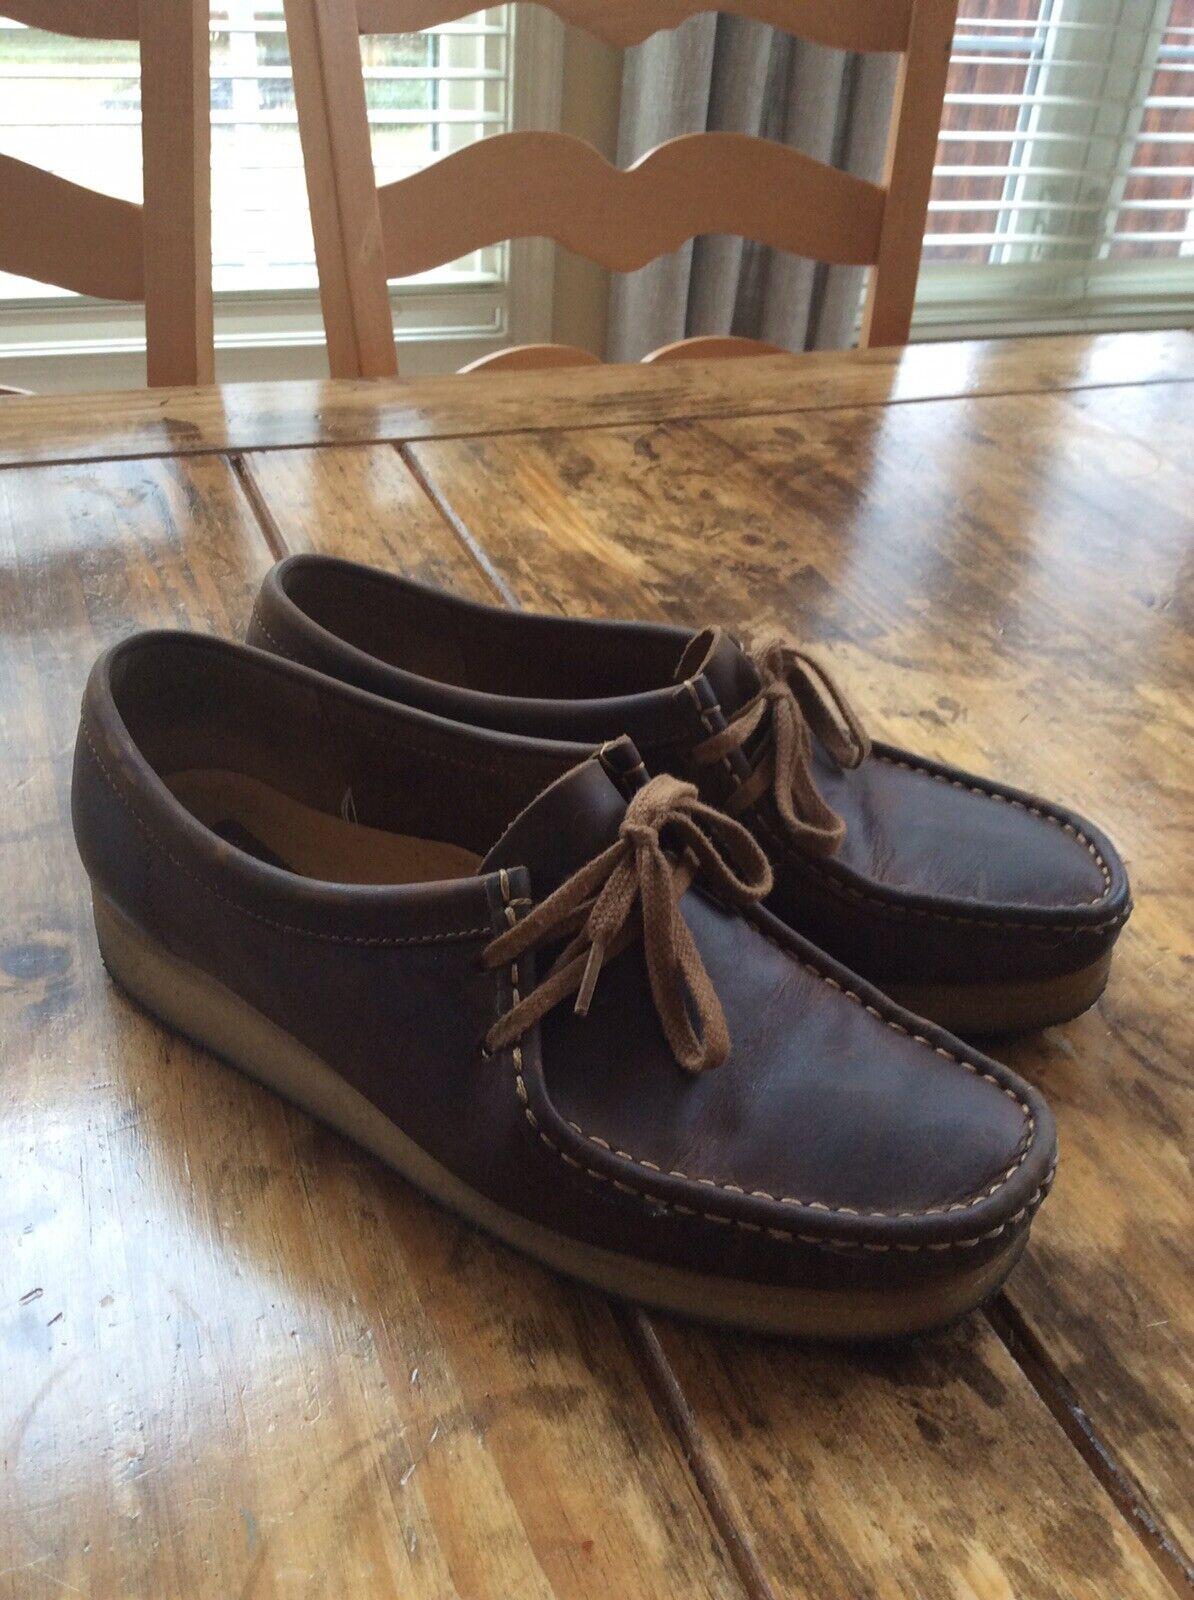 sport caldi donna clarks scarpe Dimensione 10 10 10 Marrone Leather Wallabees  tutti i prodotti ottengono fino al 34% di sconto